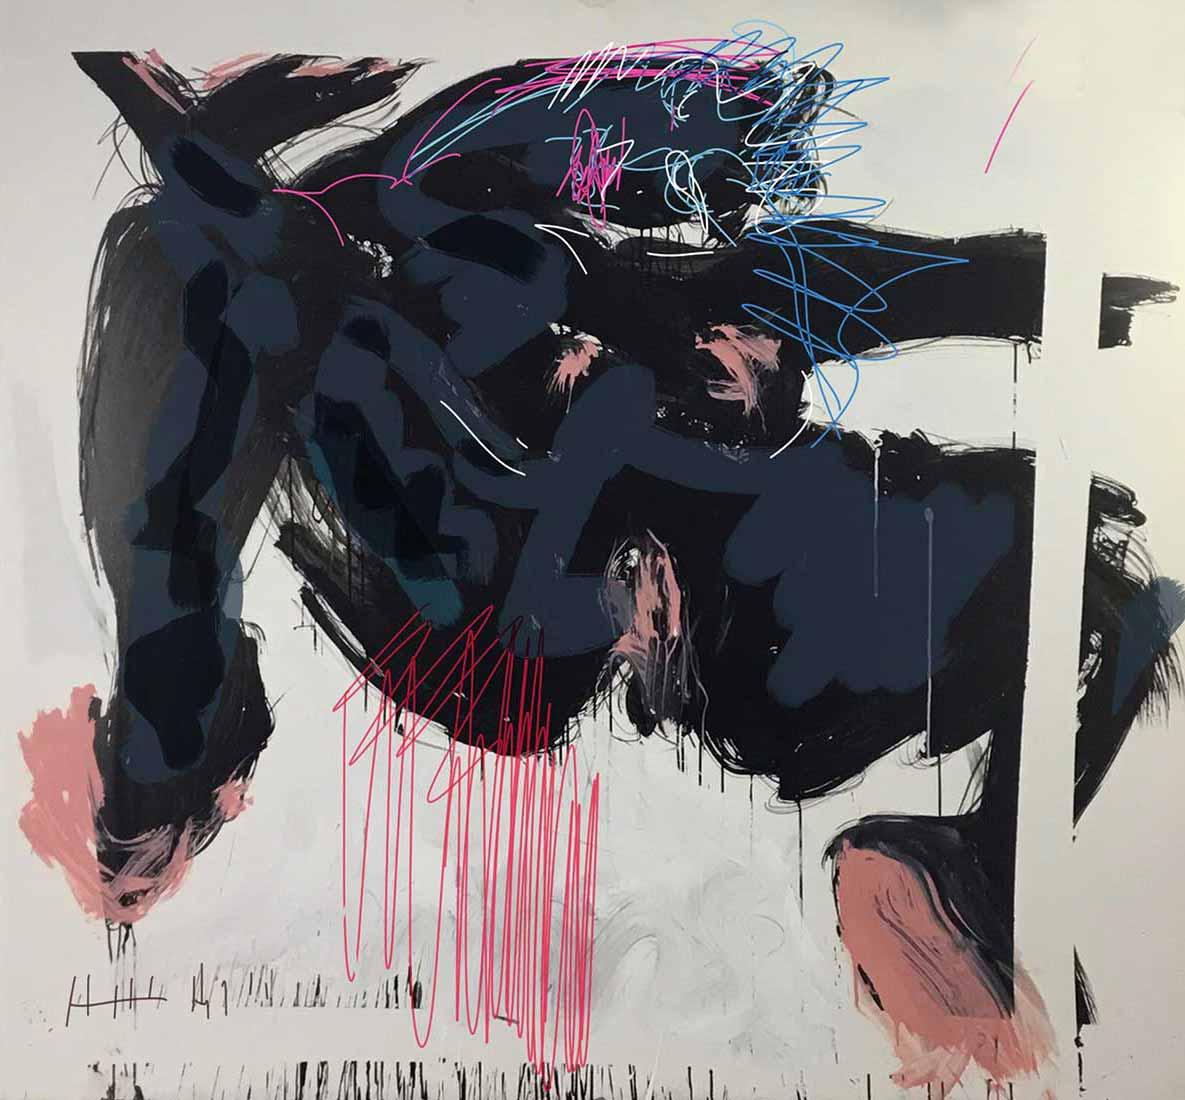 mongi-higgs-artist-kuenstler-painter-maler-messalina-mobile